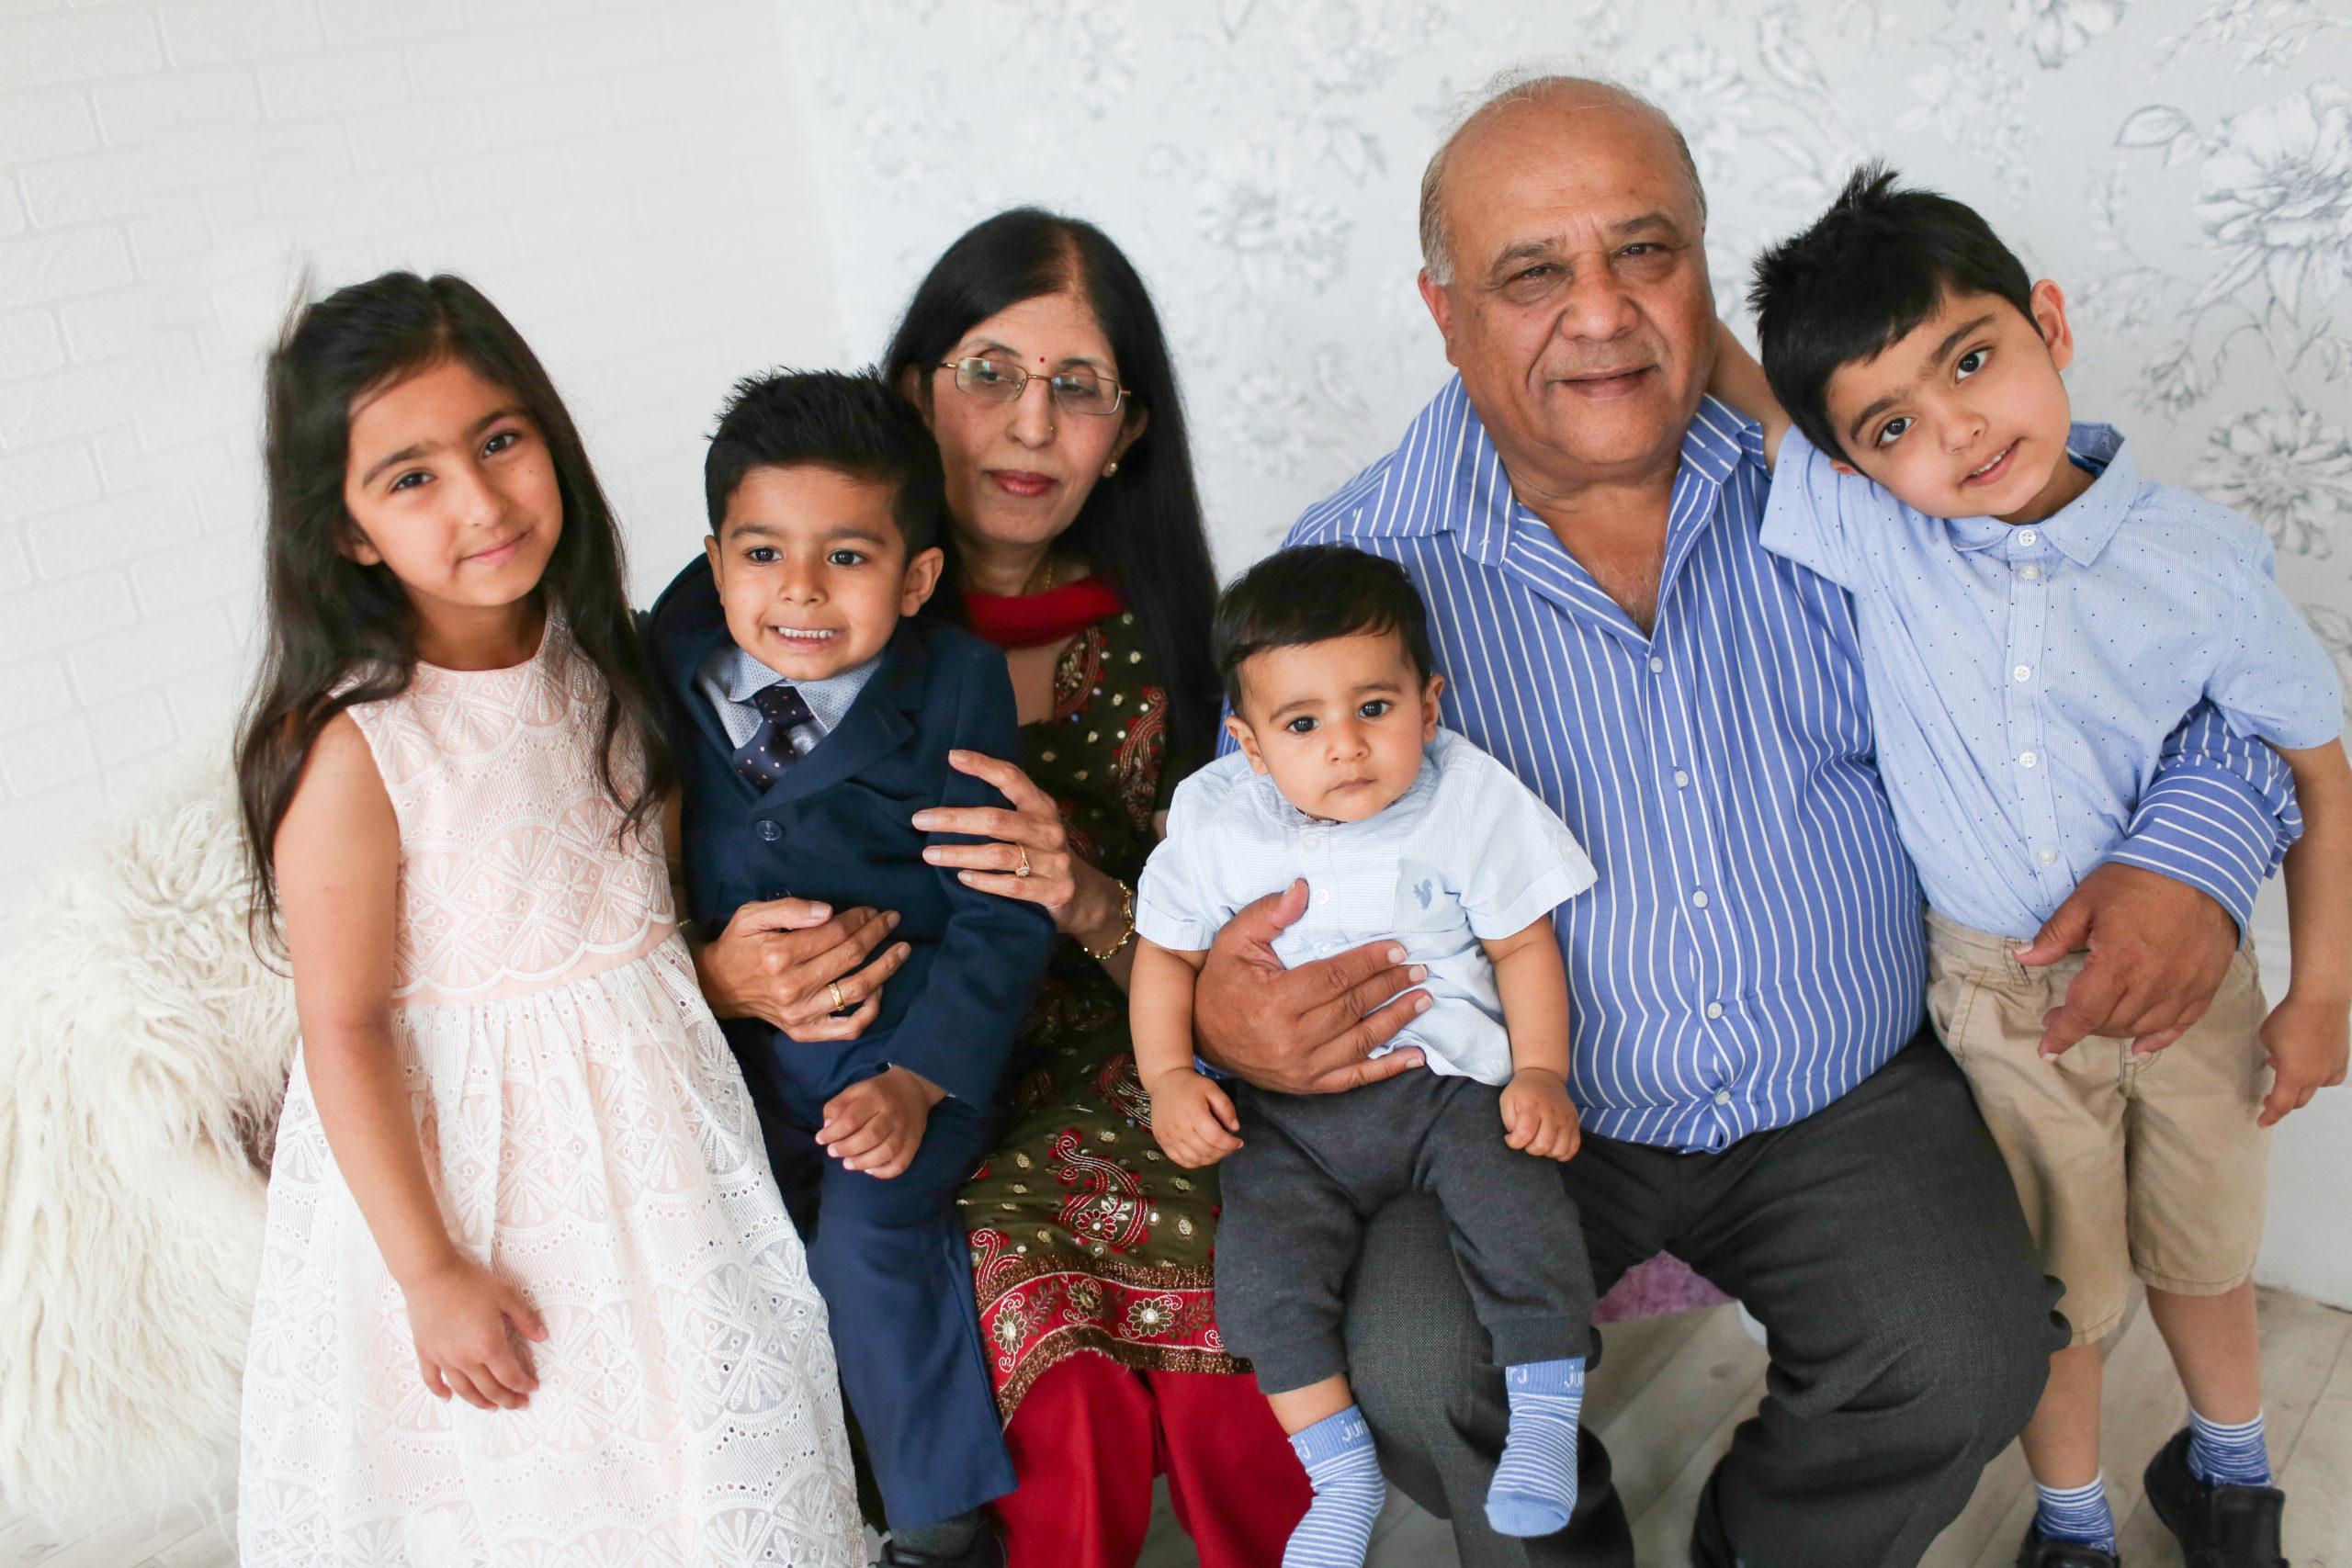 family portrait grandparent portrait